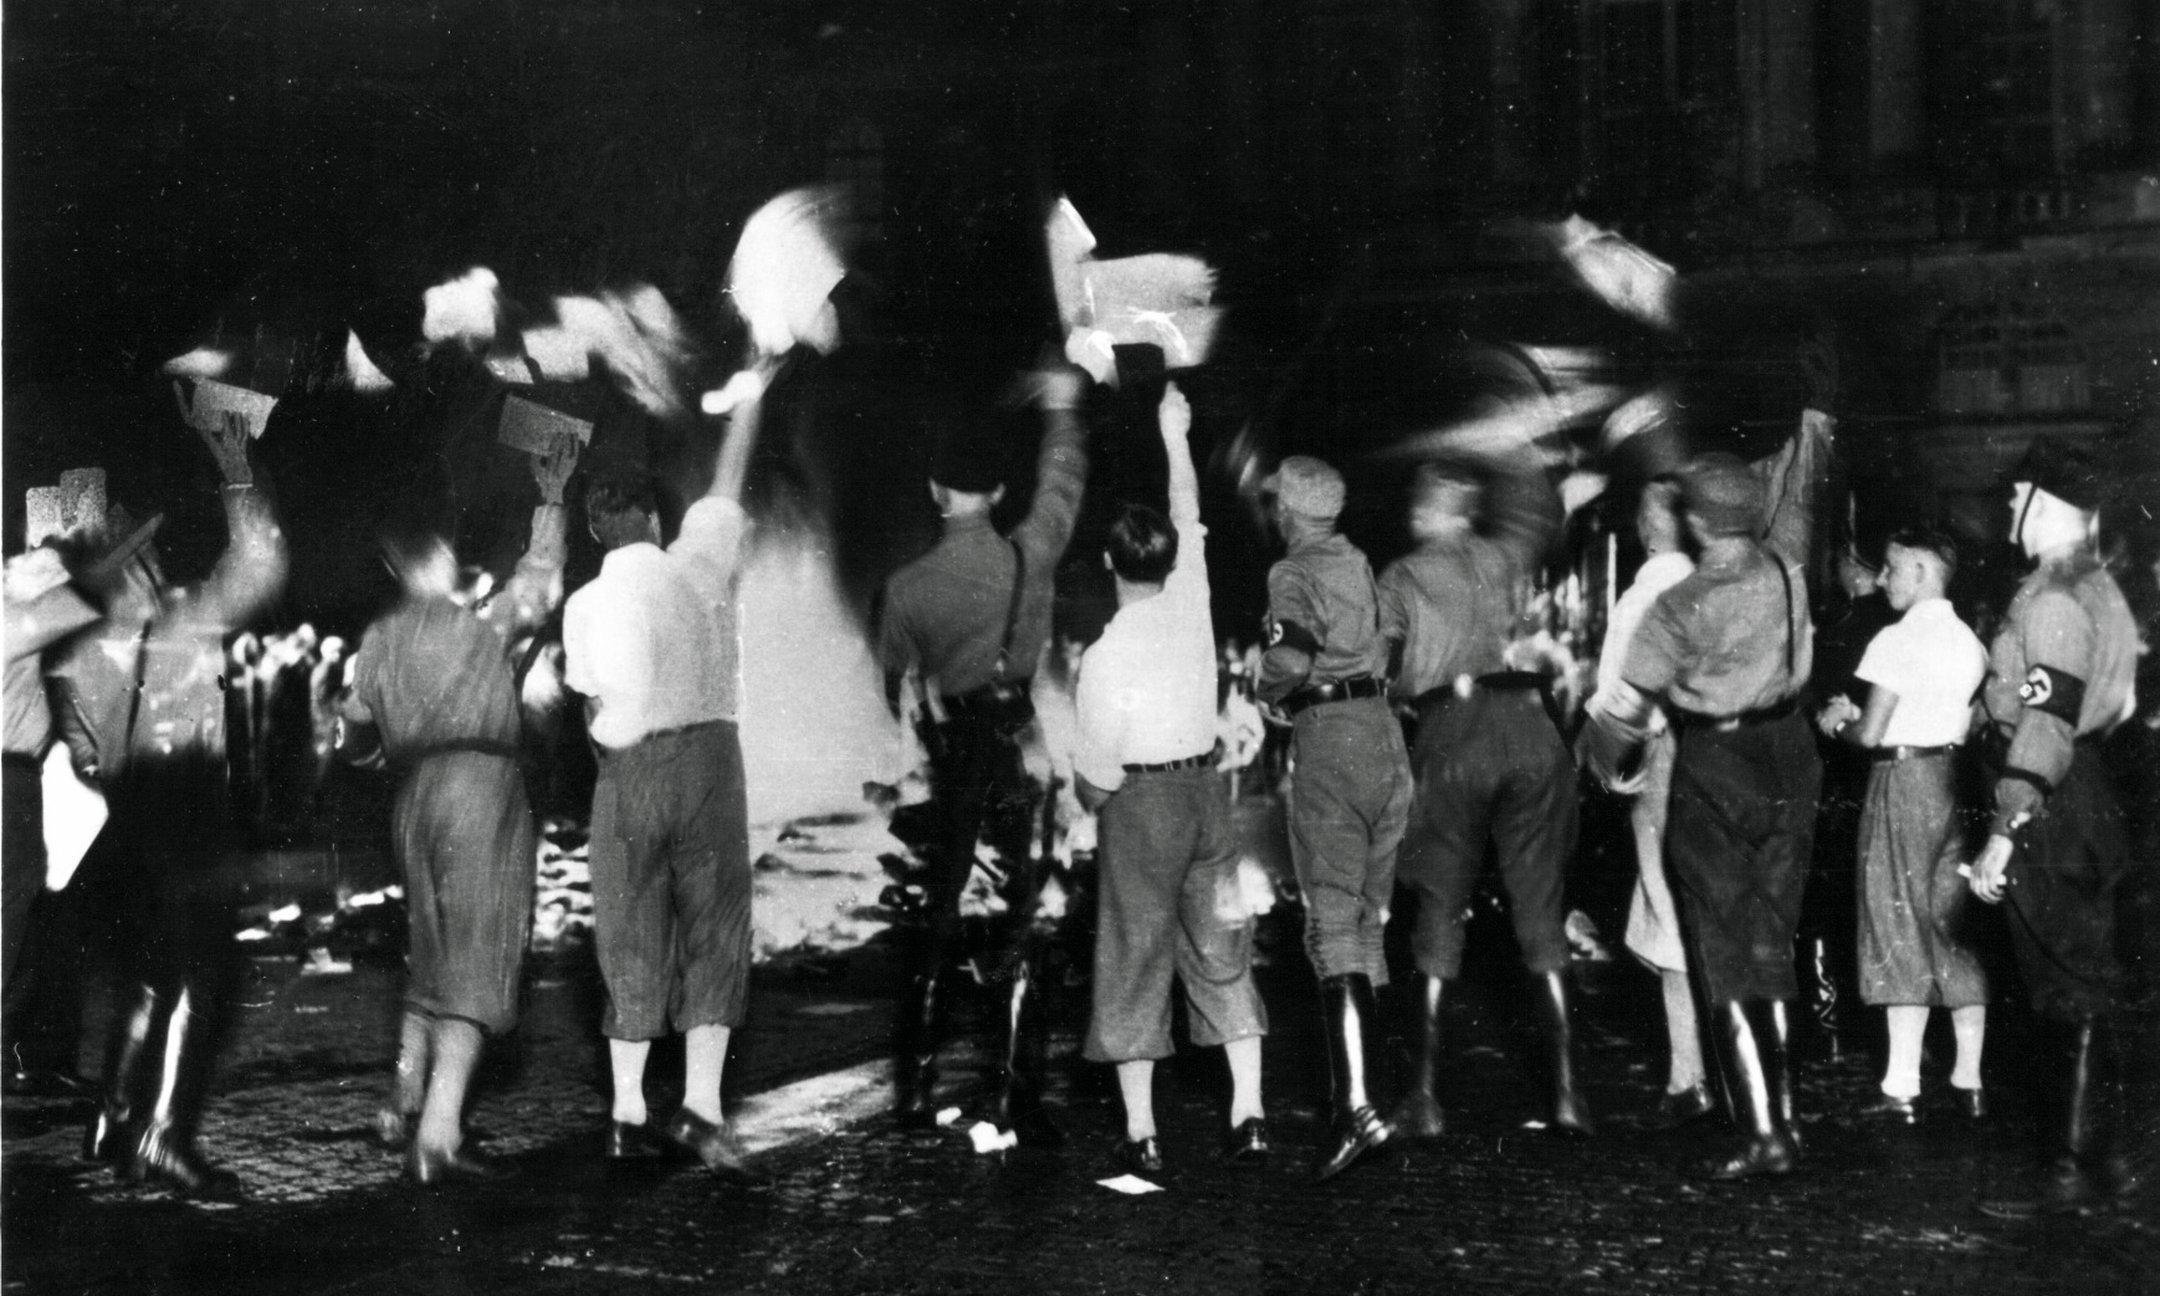 Studenten verbranden op 10 mei 1933 'on-Duitse' boeken op de Opernplatz in Berlijn. Ook in andere universiteitssteden gooiden studenten de boeken van schrijvers als Karl Marx, Sigmund Freud en Erich Maria Remarque in het vuur.